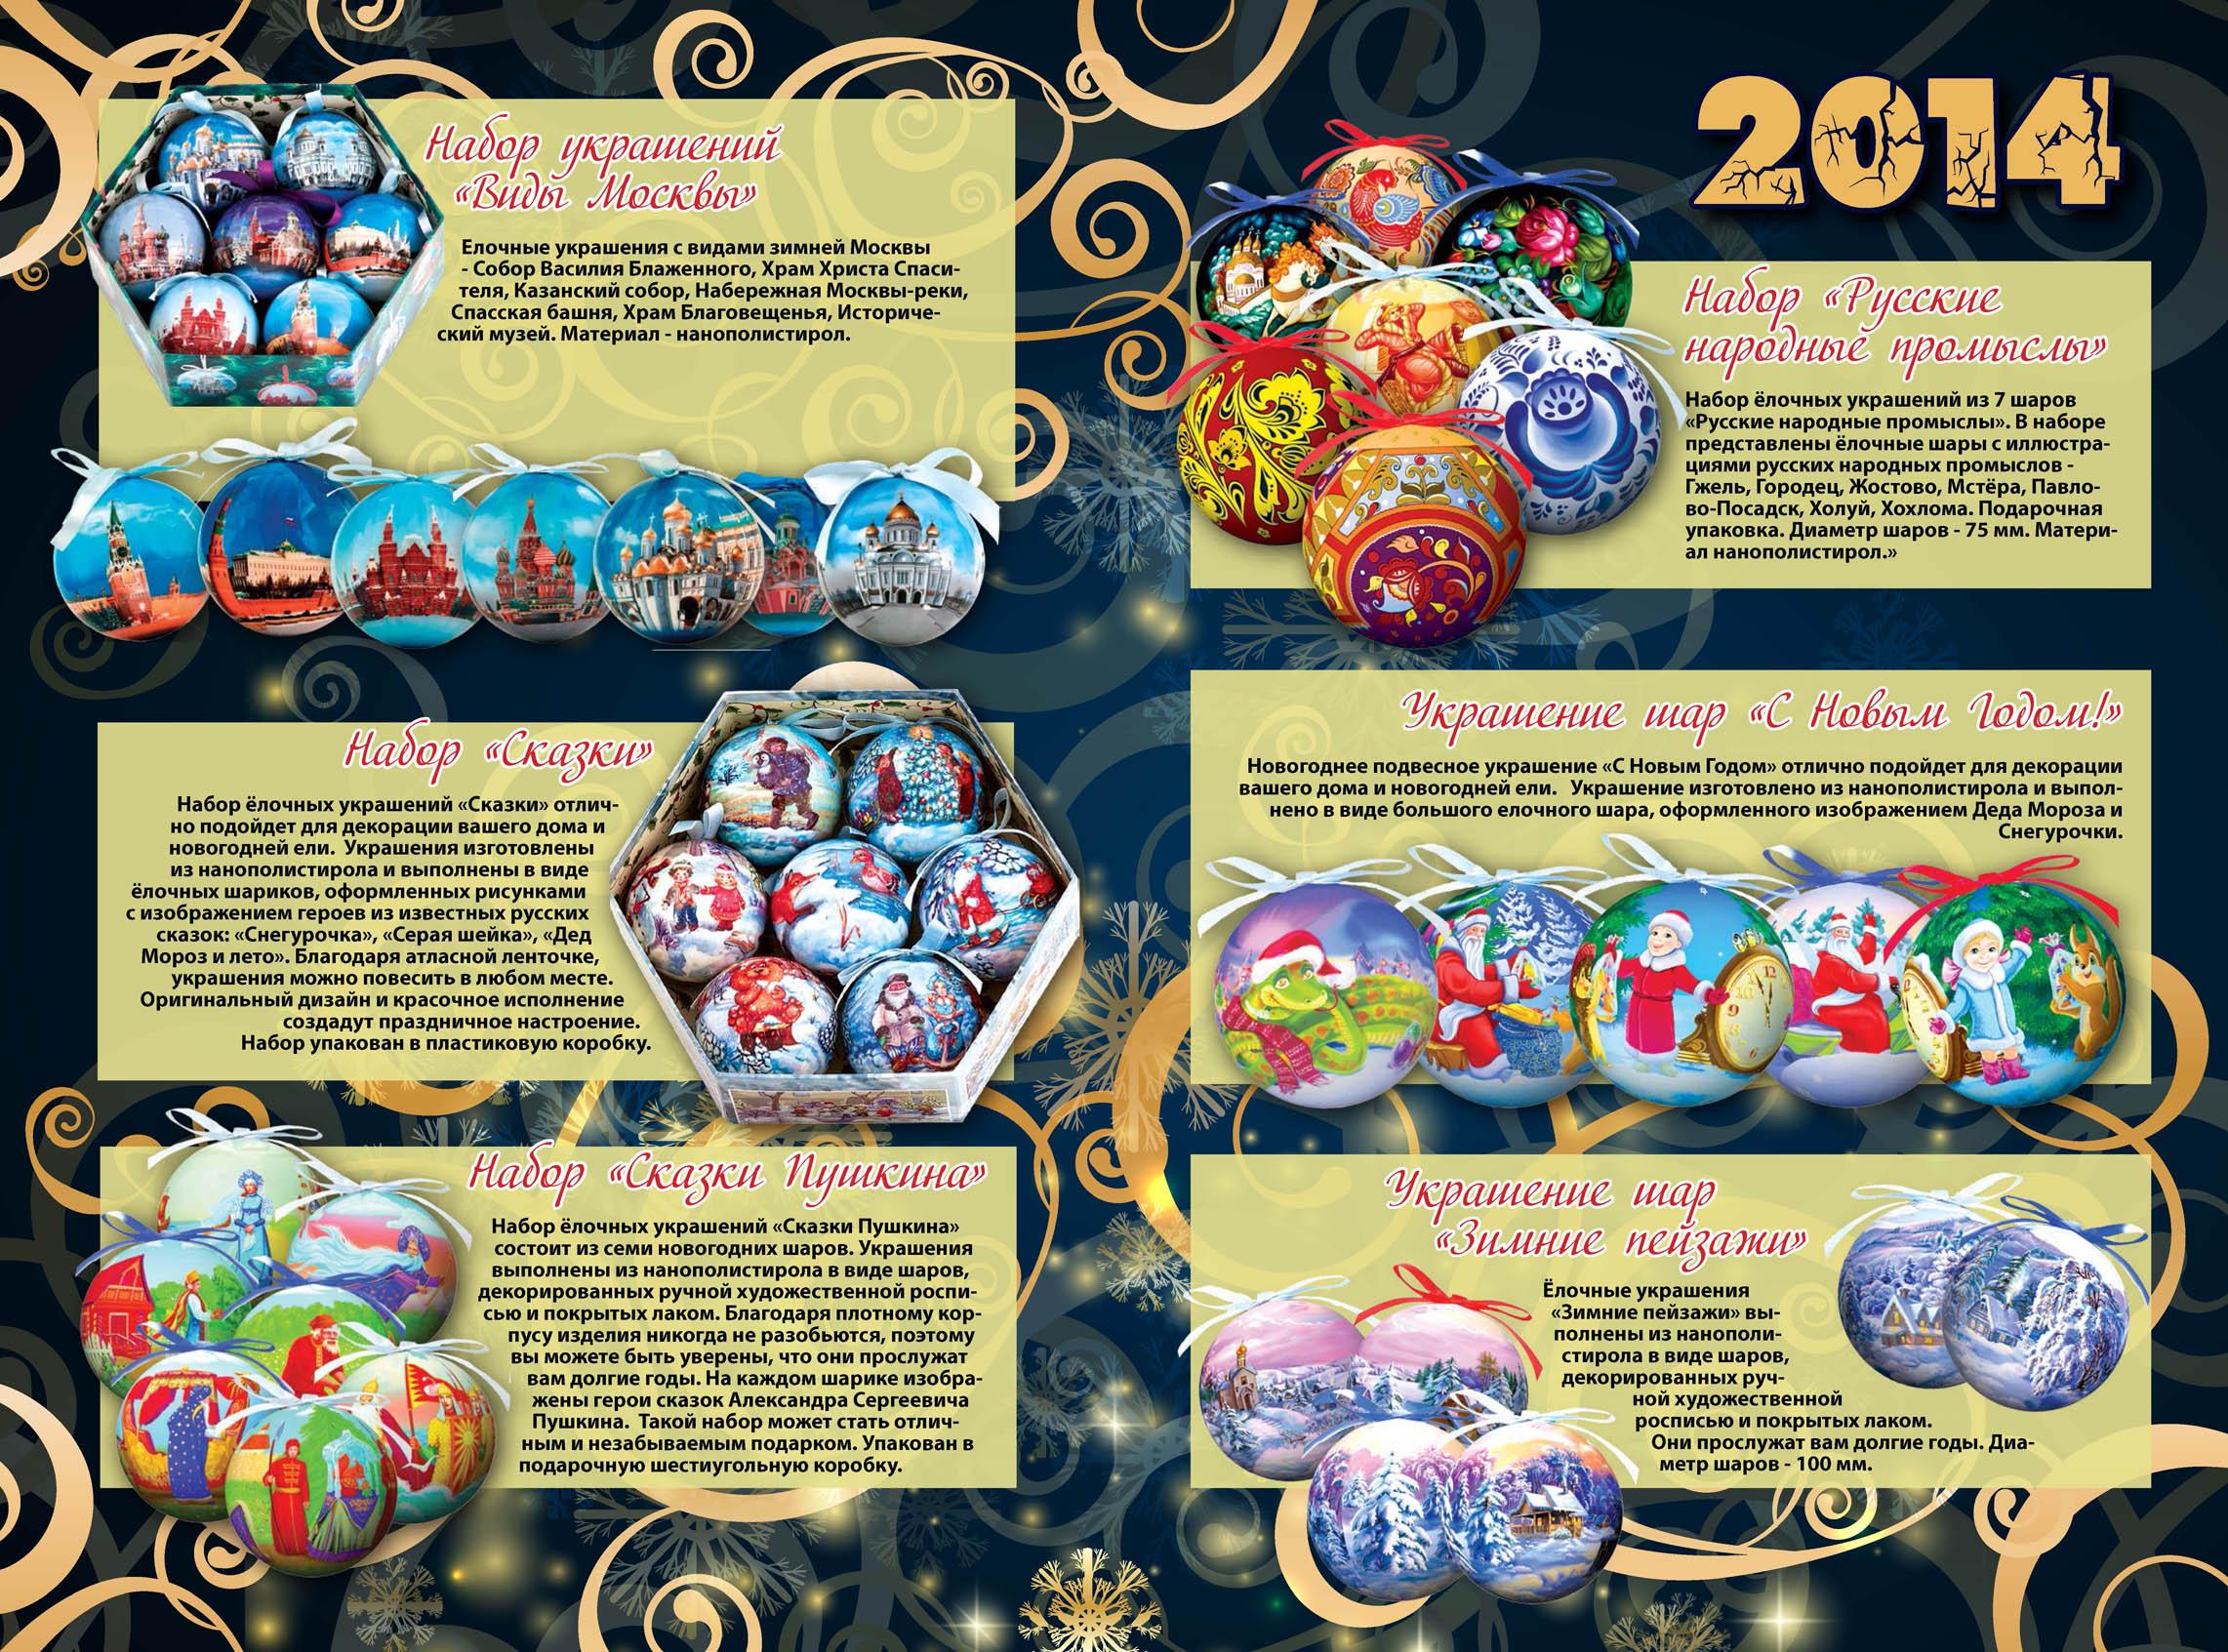 Разворот в каталог новогодних подарков для администрации Президента